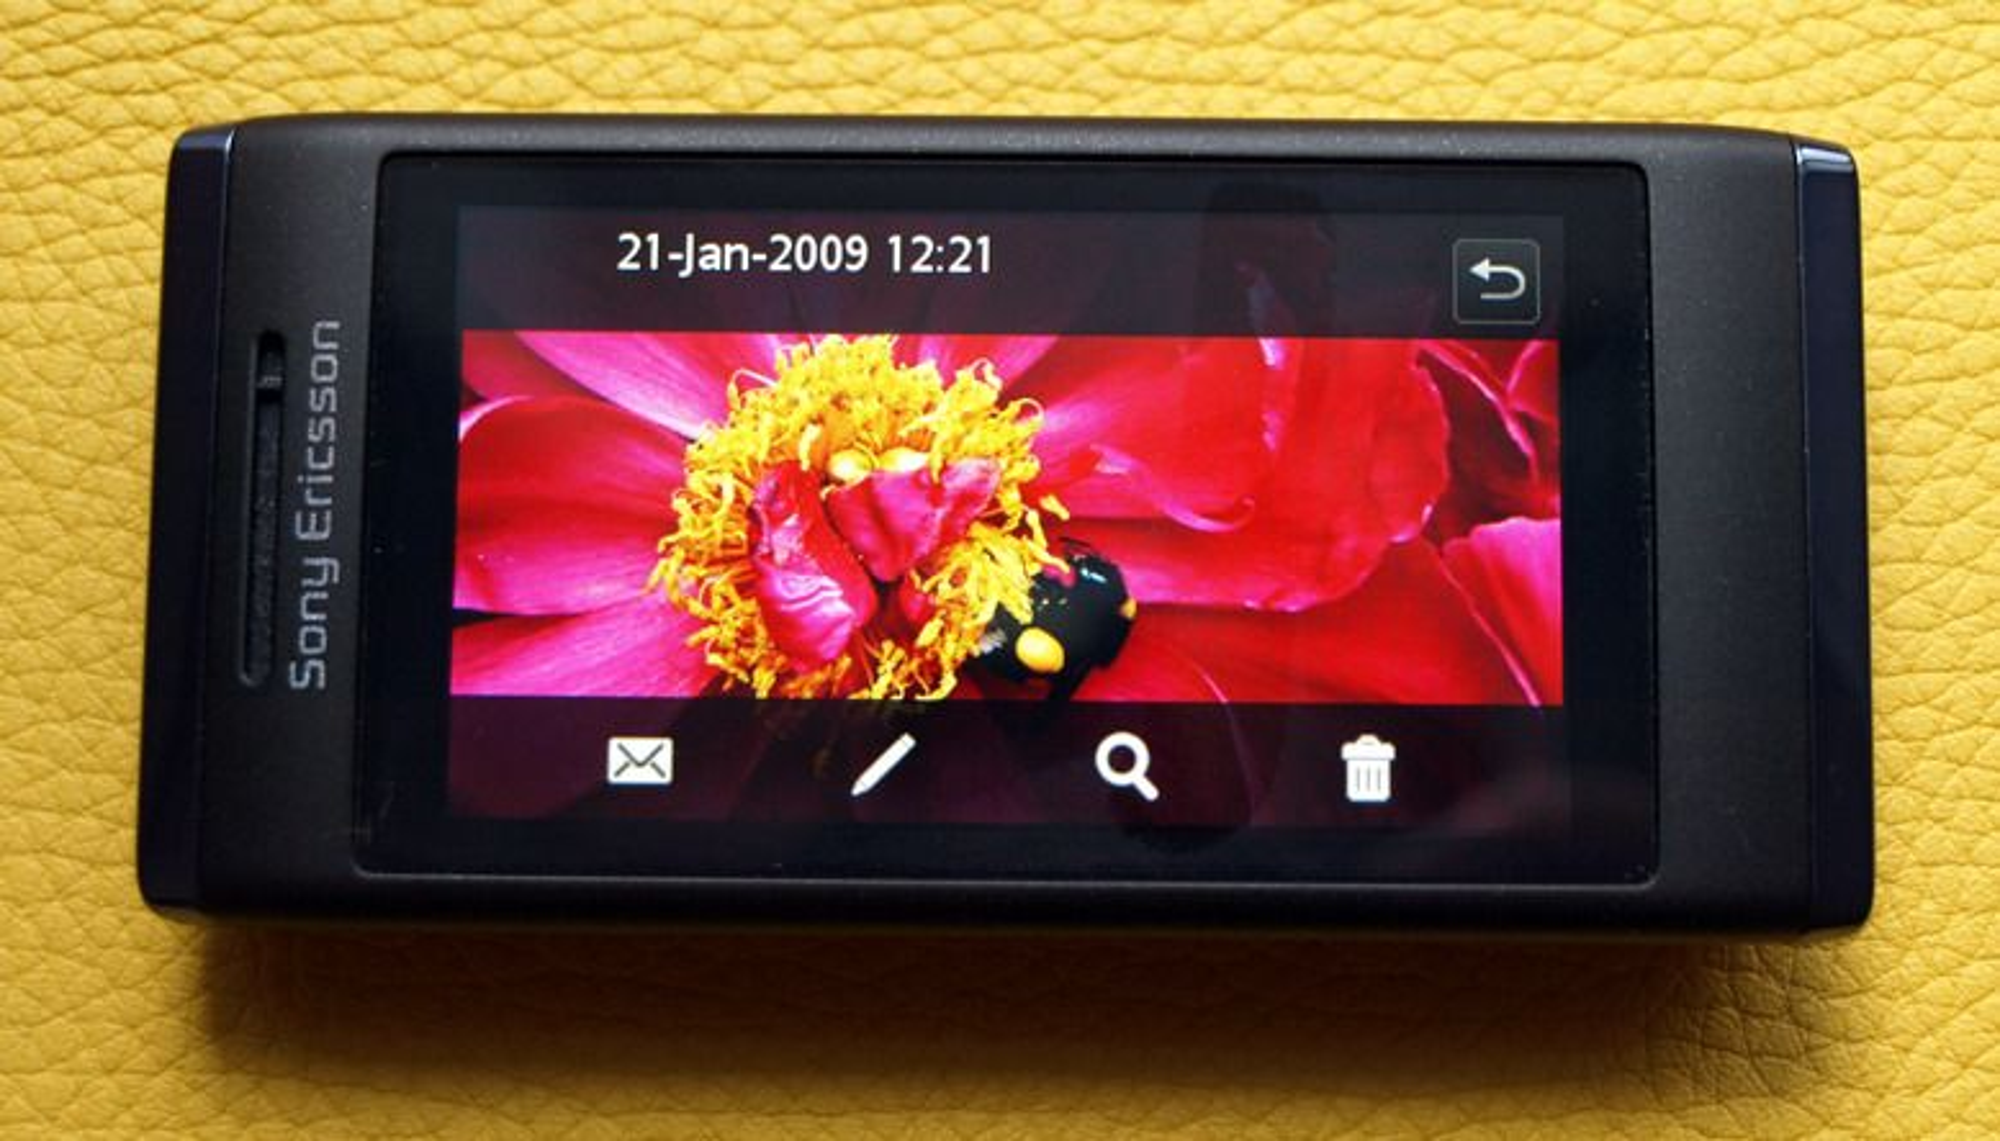 jeux sony ericsson u10i mobile9